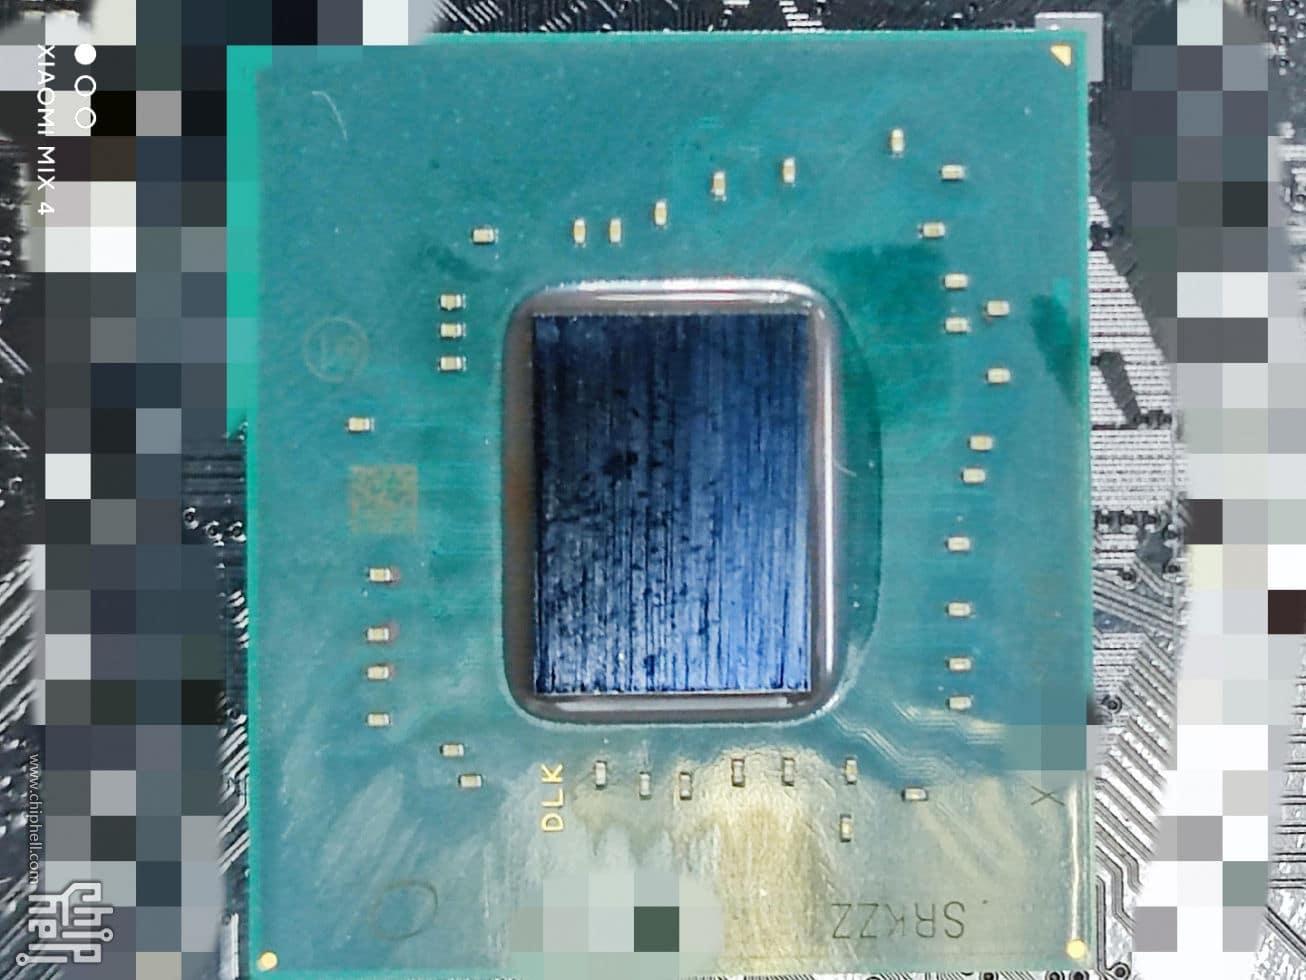 Las CPUs Alder Lake se lanzarán junto a casi 100 placas base Intel Z690